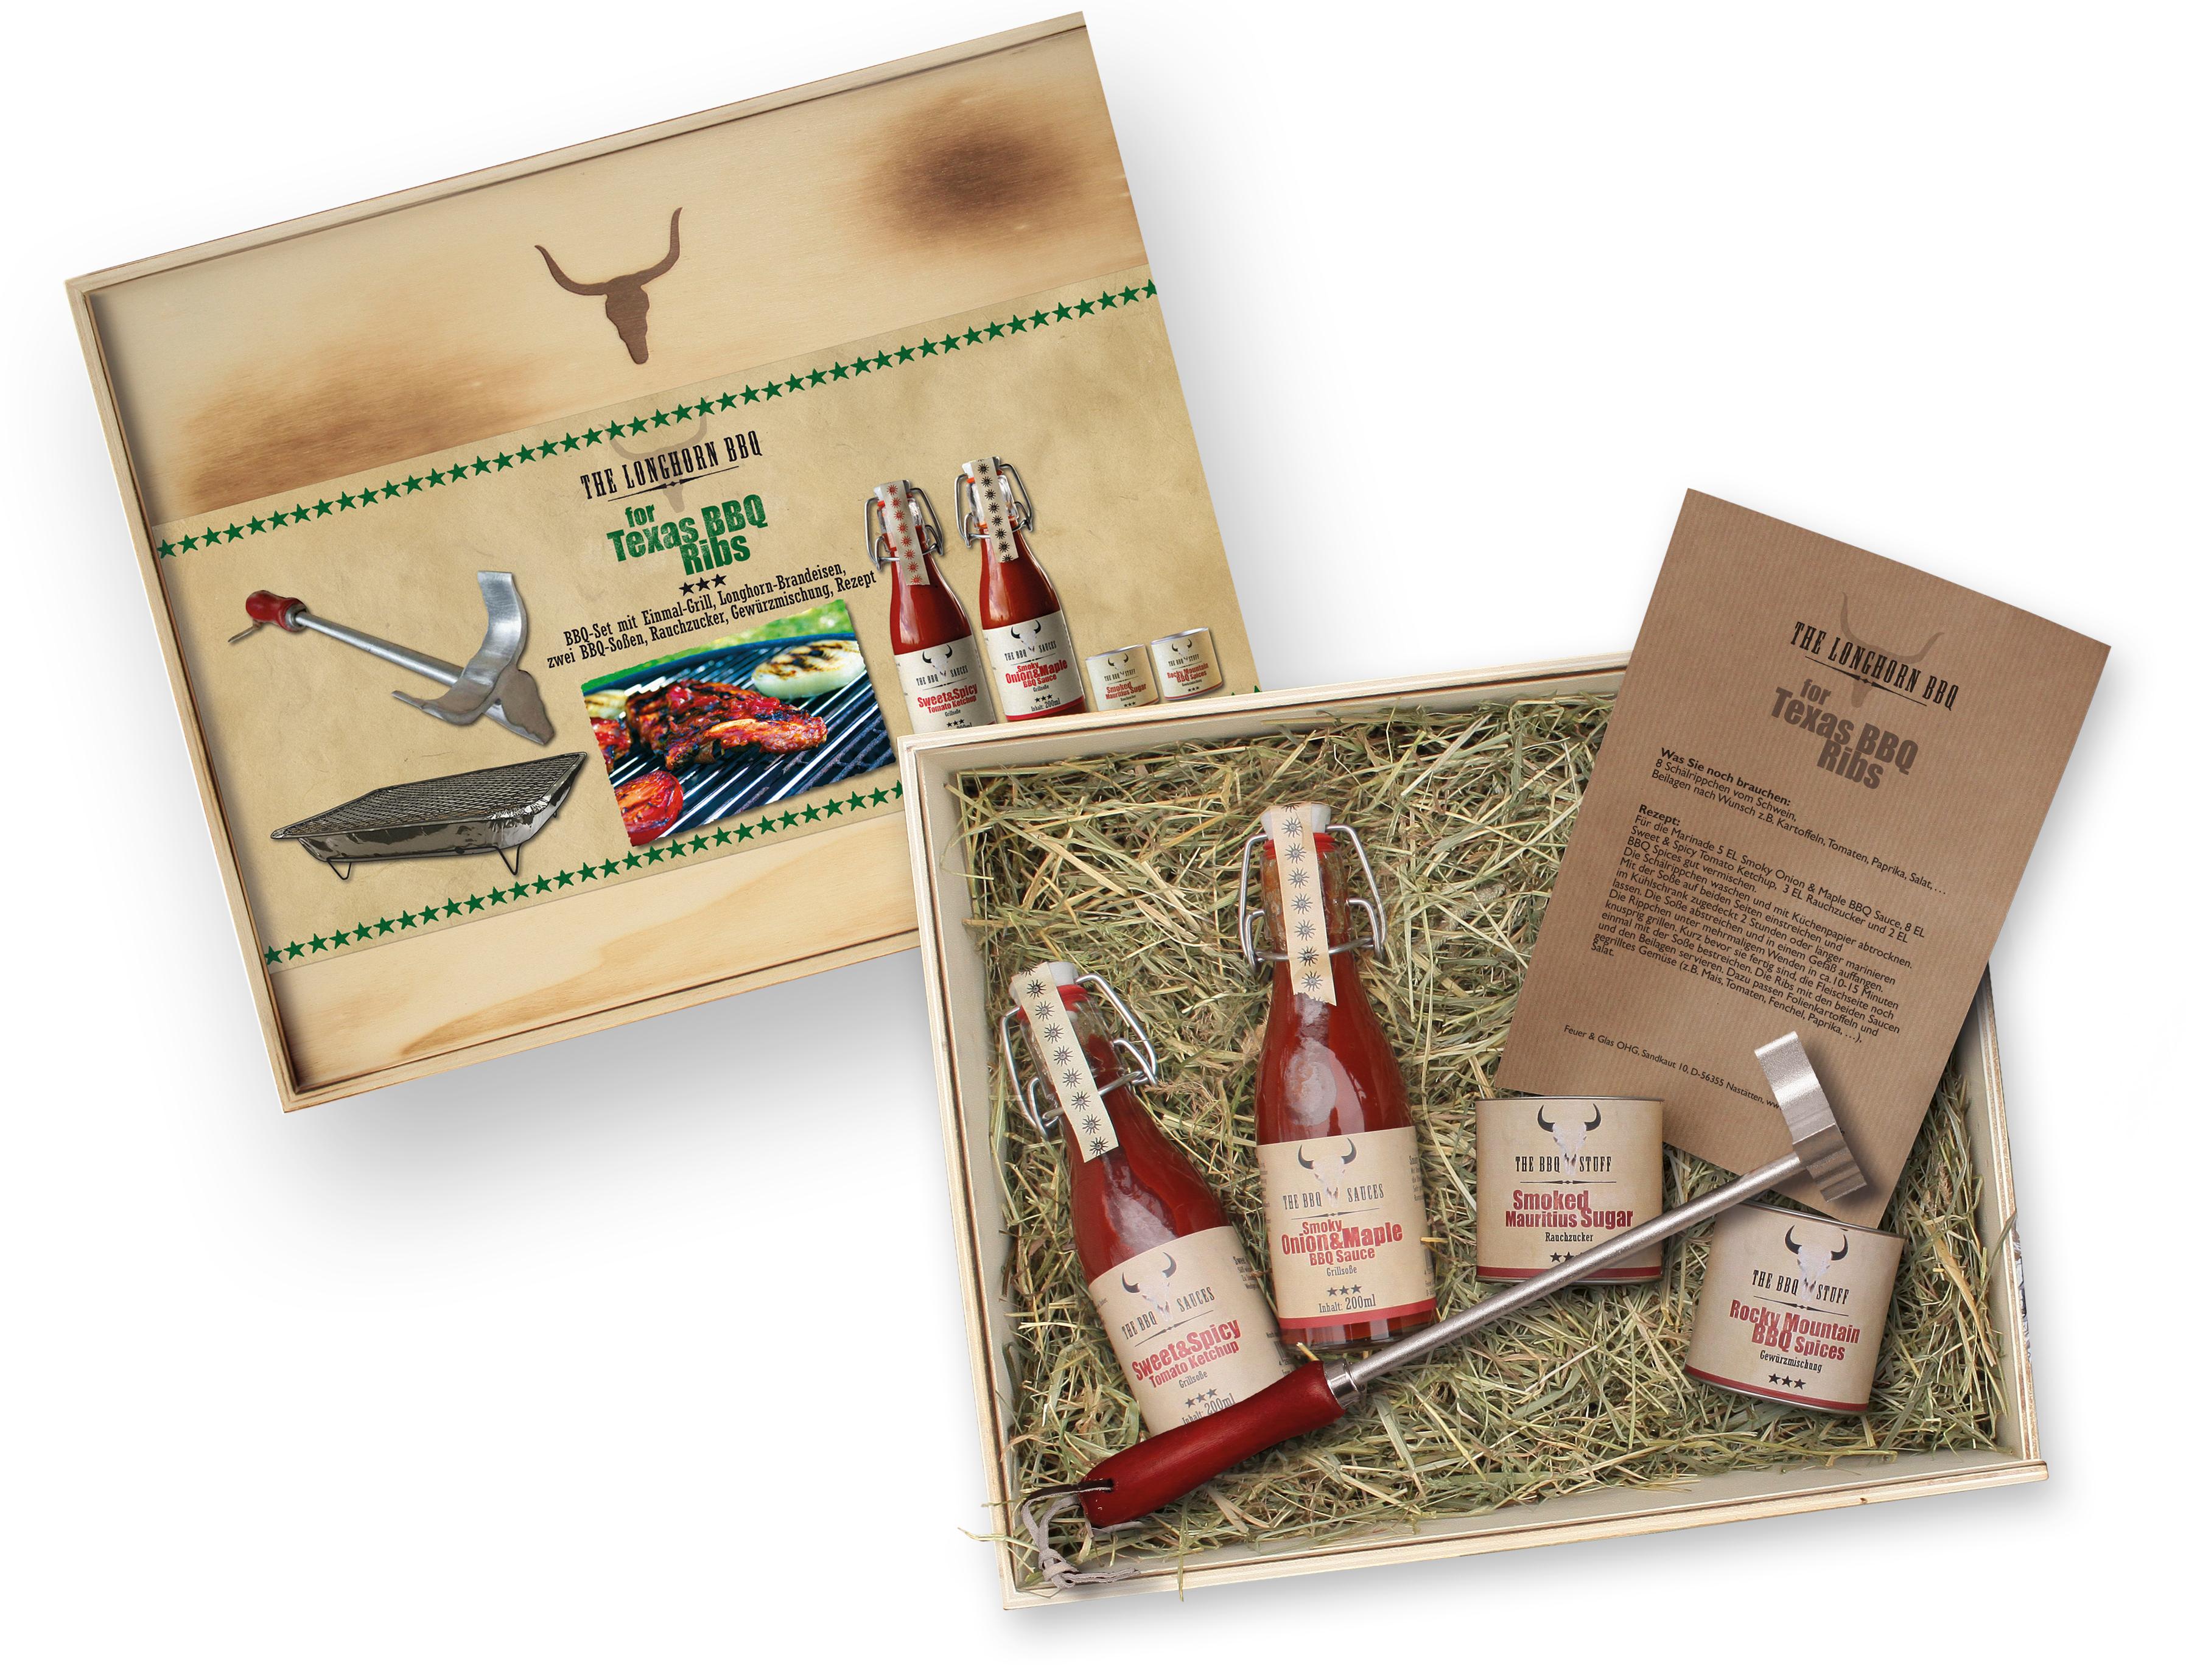 The Longhorn BBQ Kit - Texas BBQ Ribs